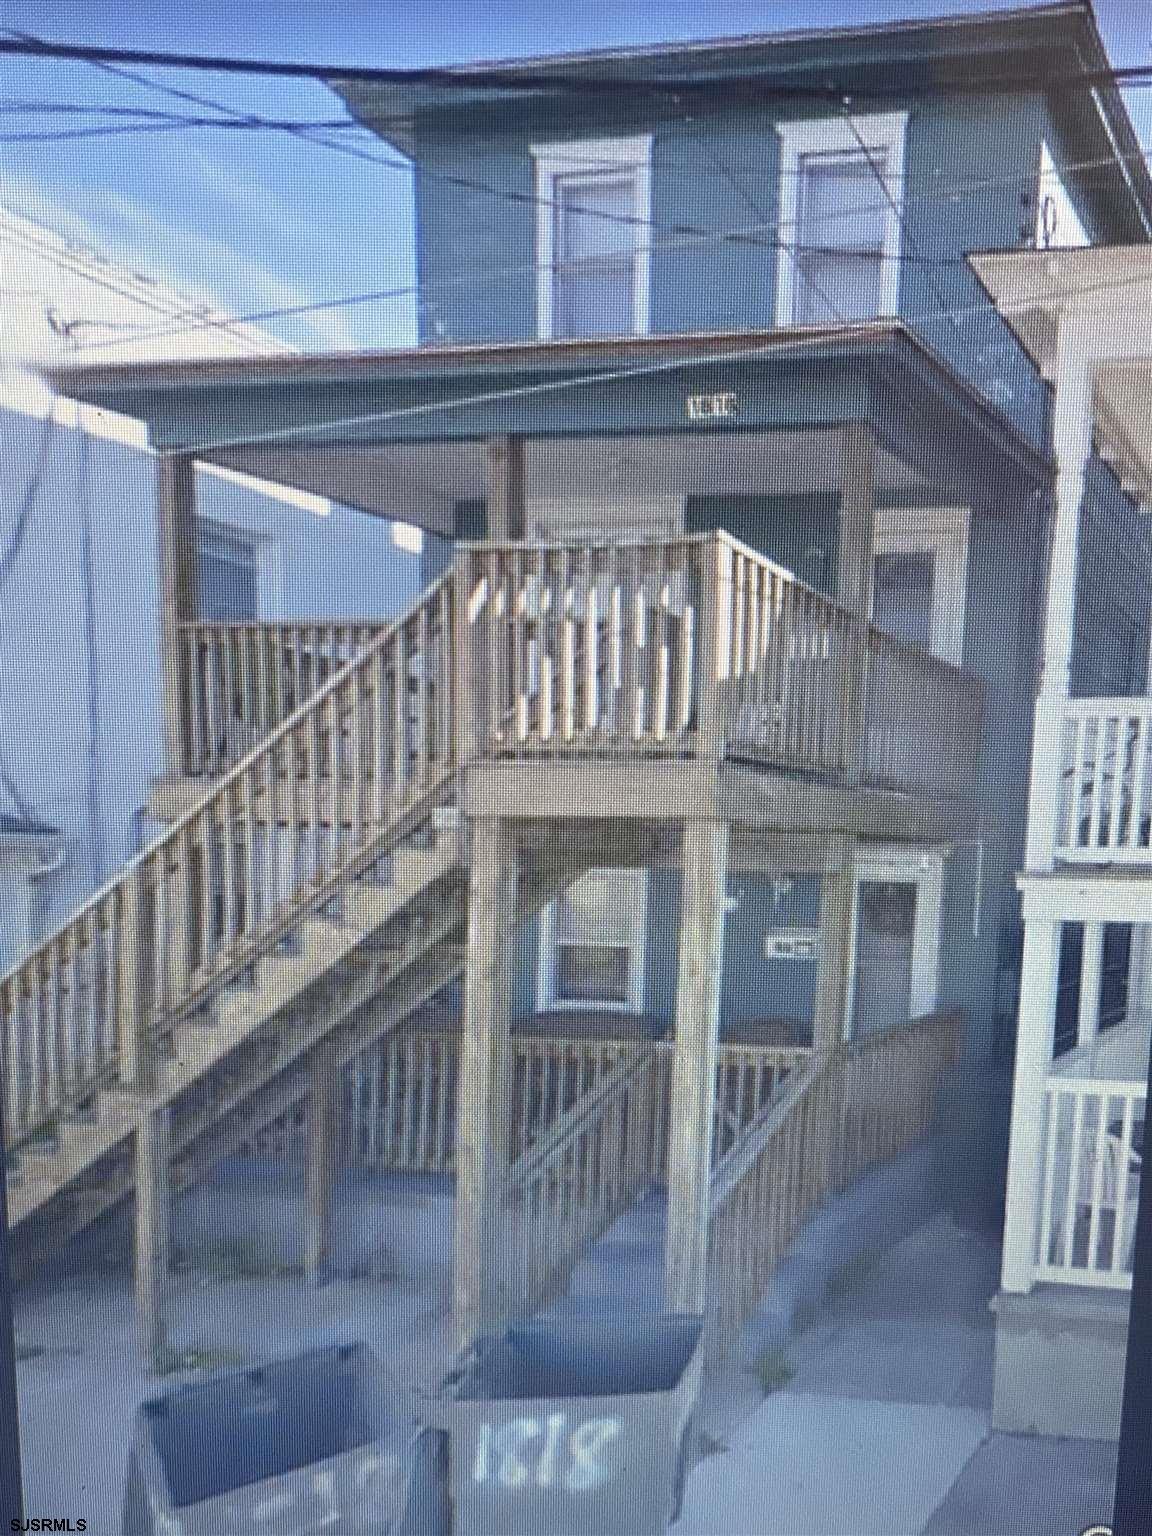 1818 Lincoln Ave Ave, Atlantic City, NJ 08401 - #: 546018